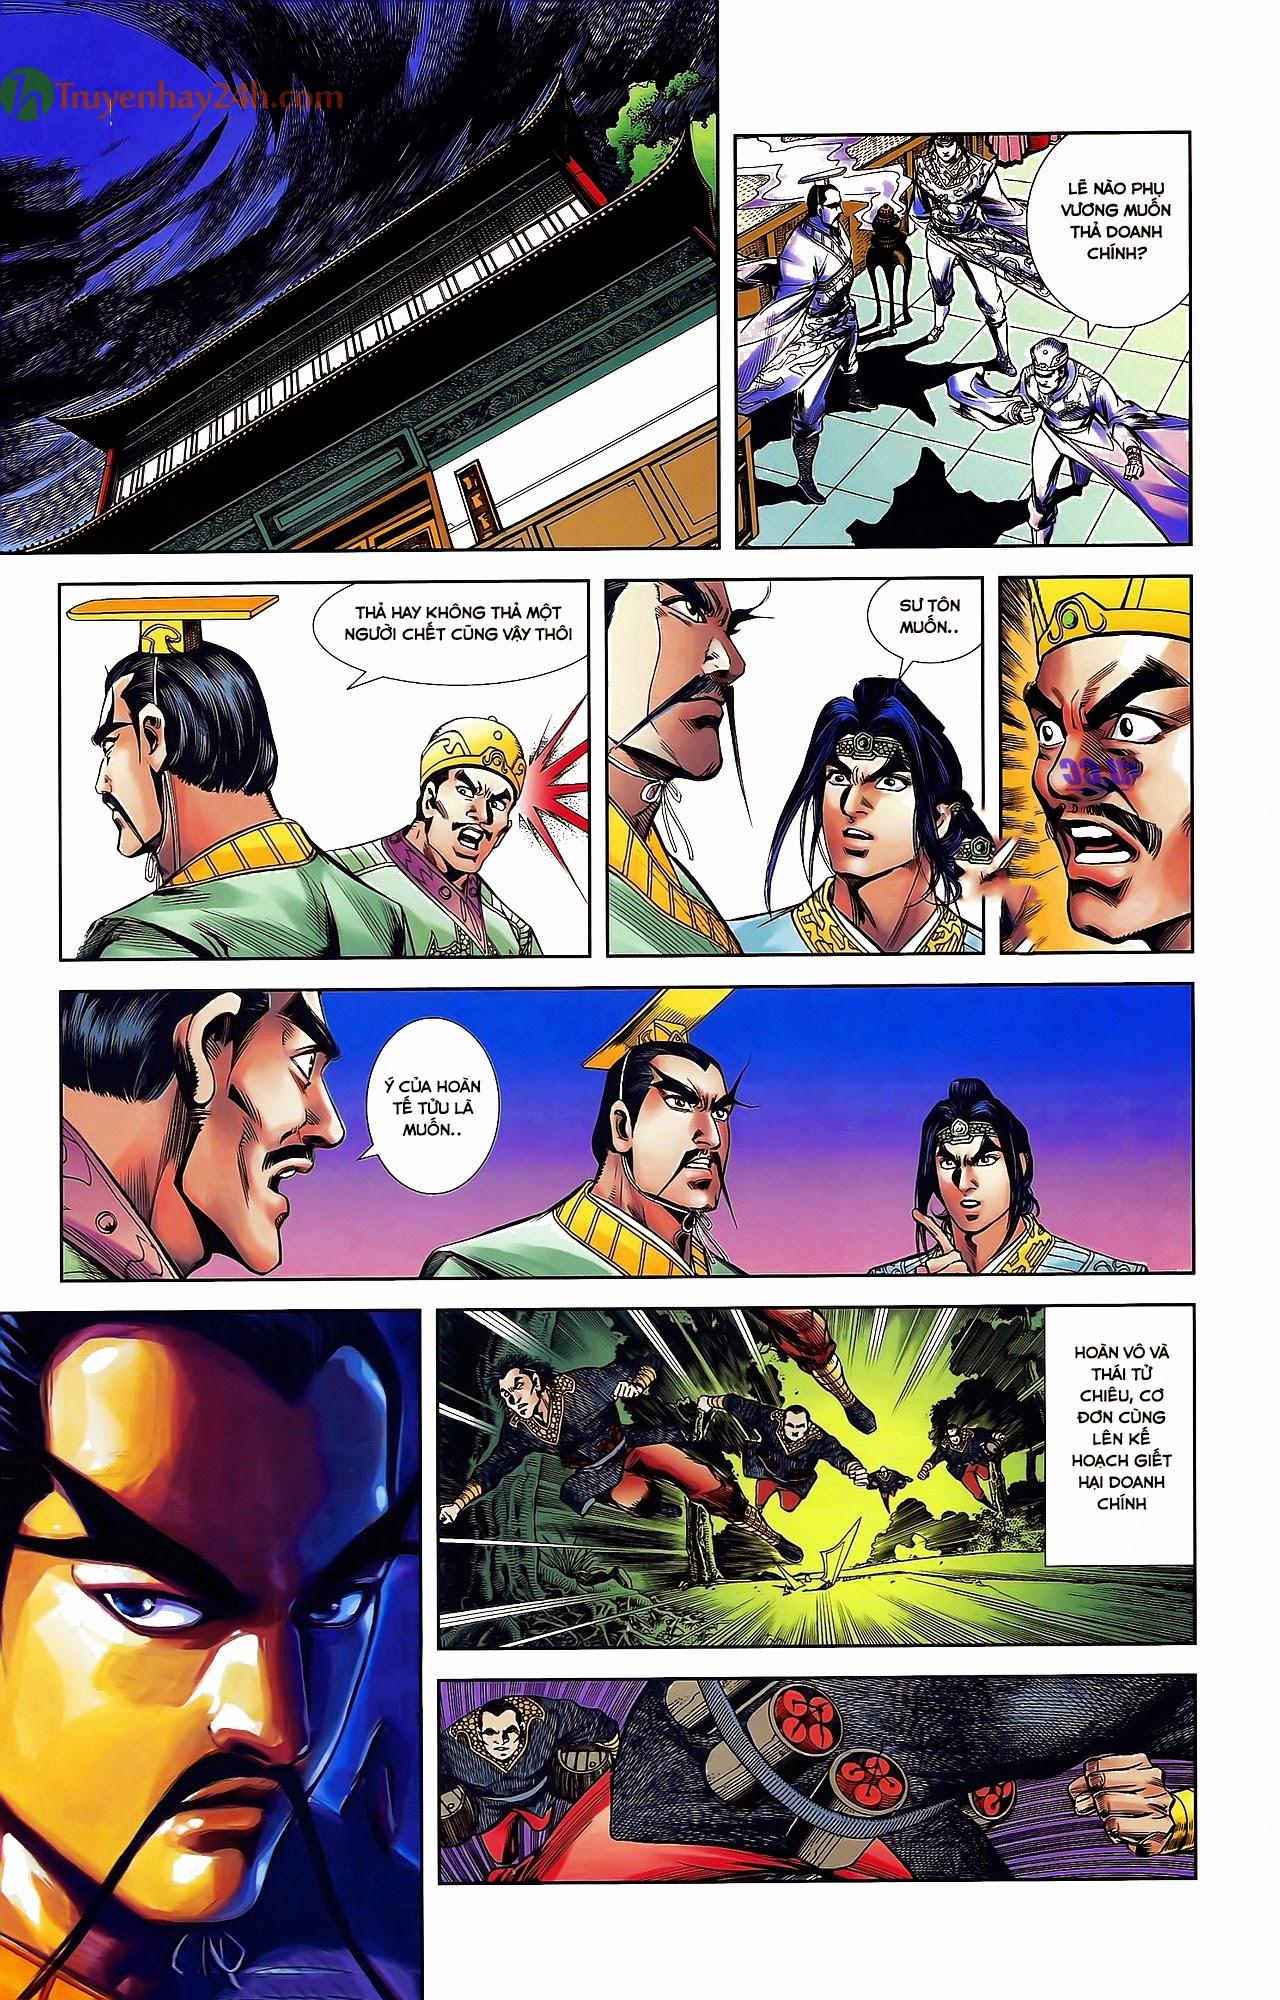 Tần Vương Doanh Chính chapter 31 trang 23